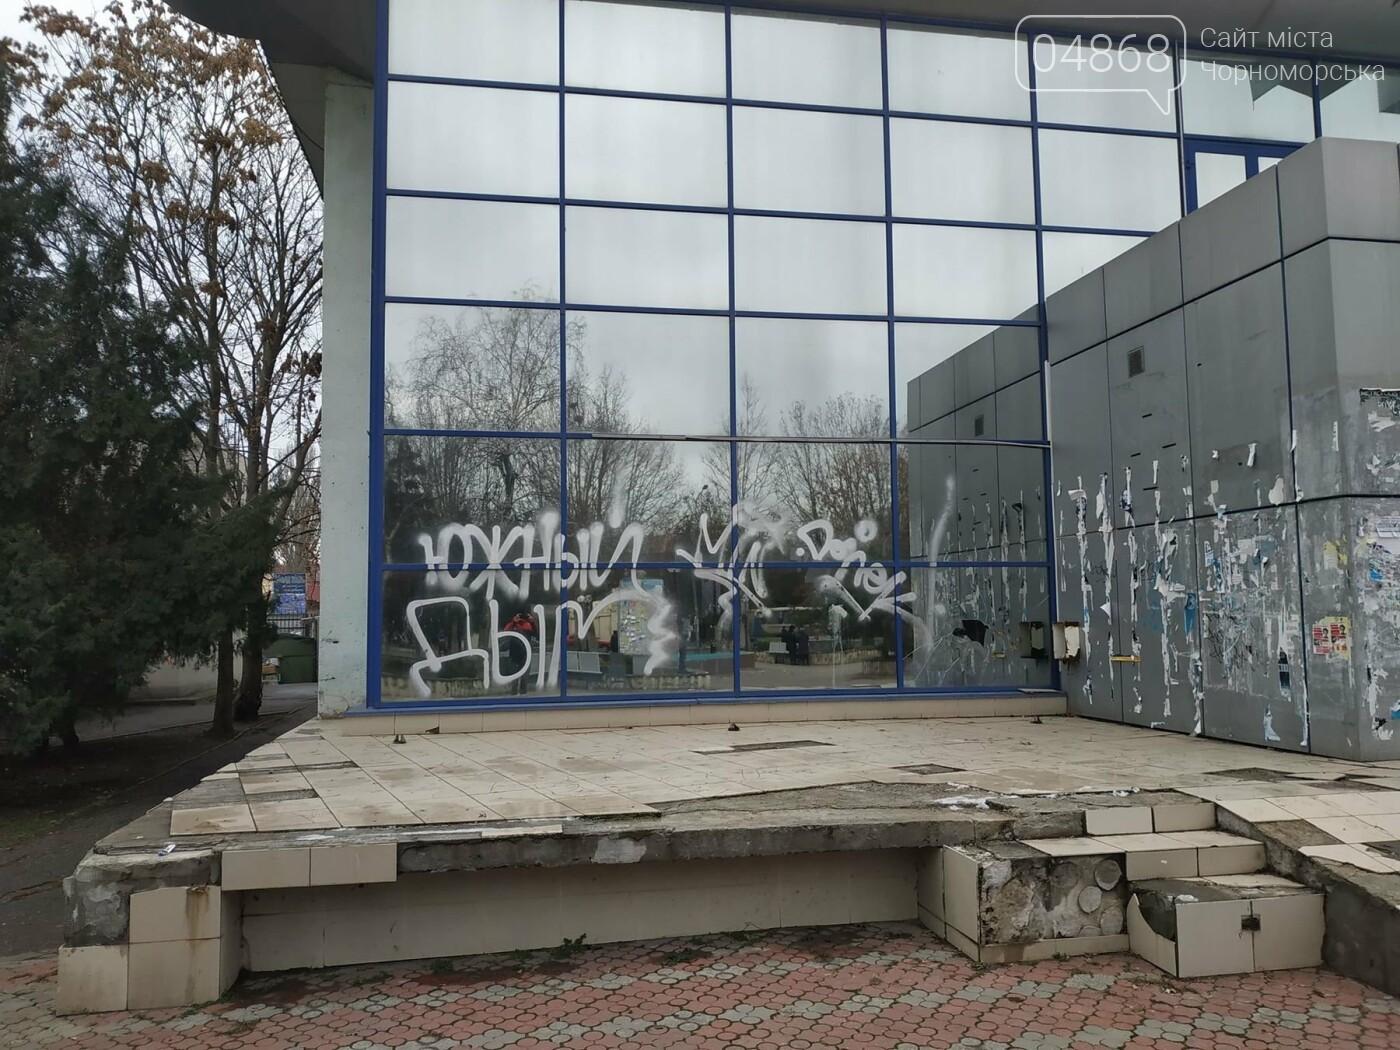 Кинотеатр «Нептун» как символ отсутствия инициативы со стороны власти, фото-3